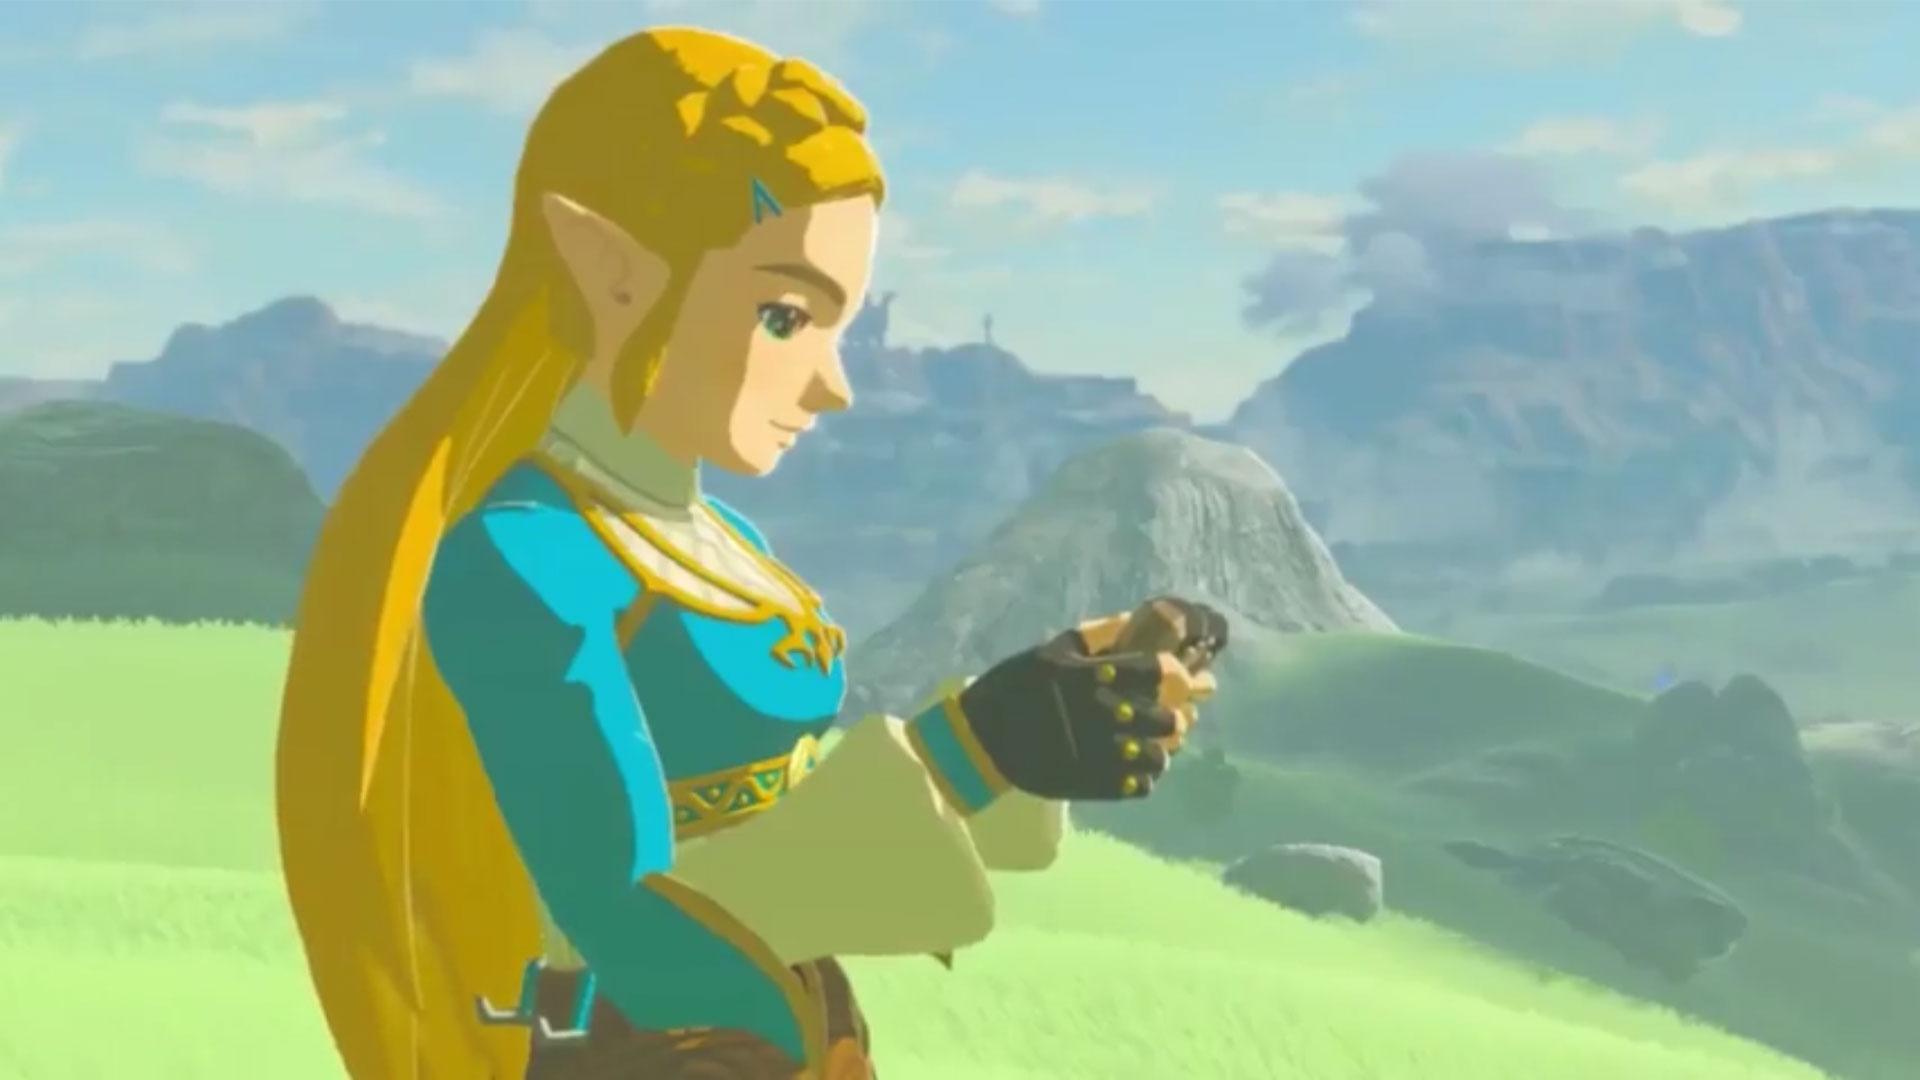 Zelda breath of the wild zelda thicc